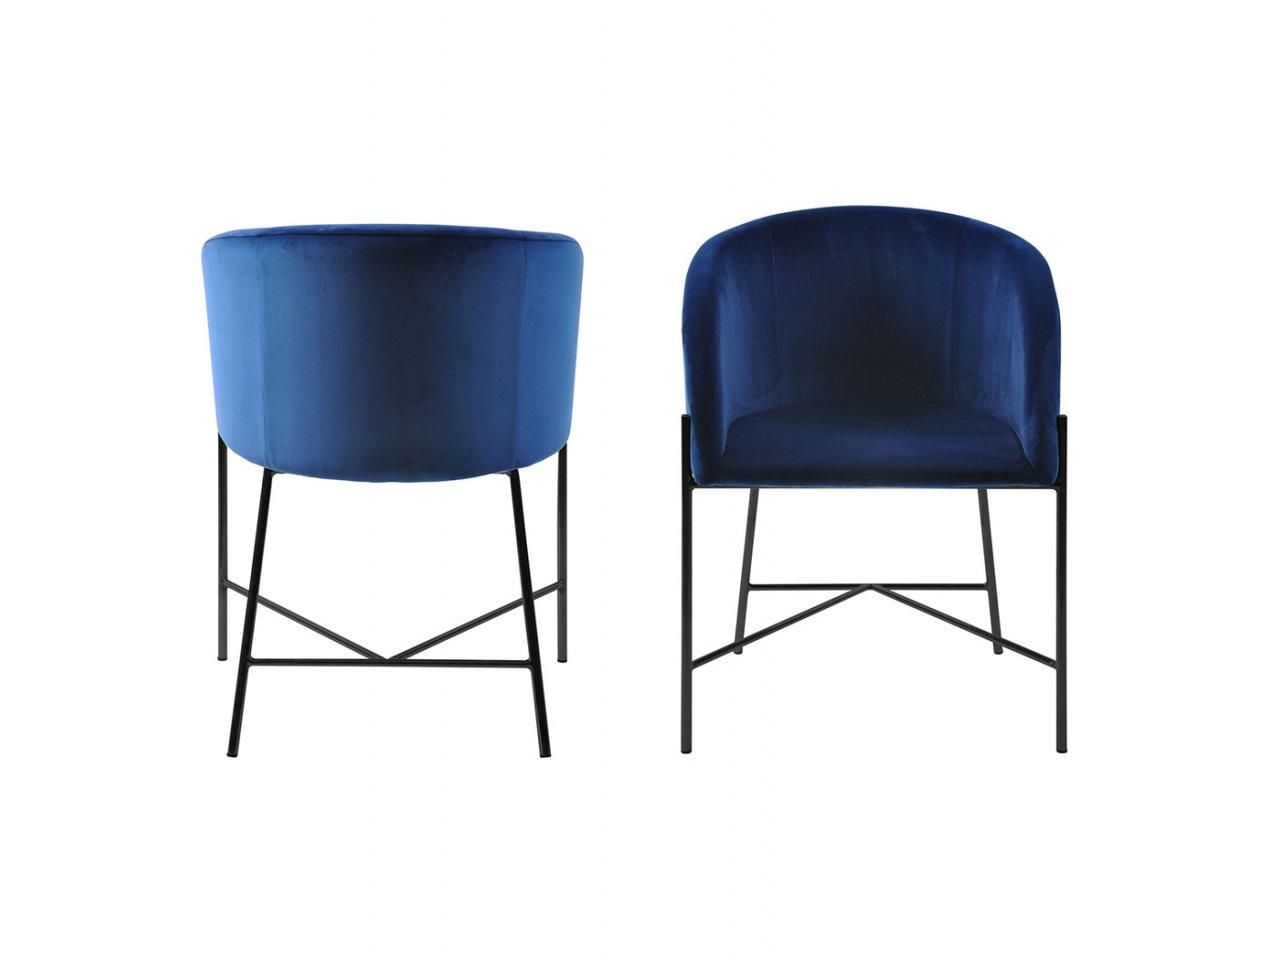 Sedia con braccioli Bobbio - v16